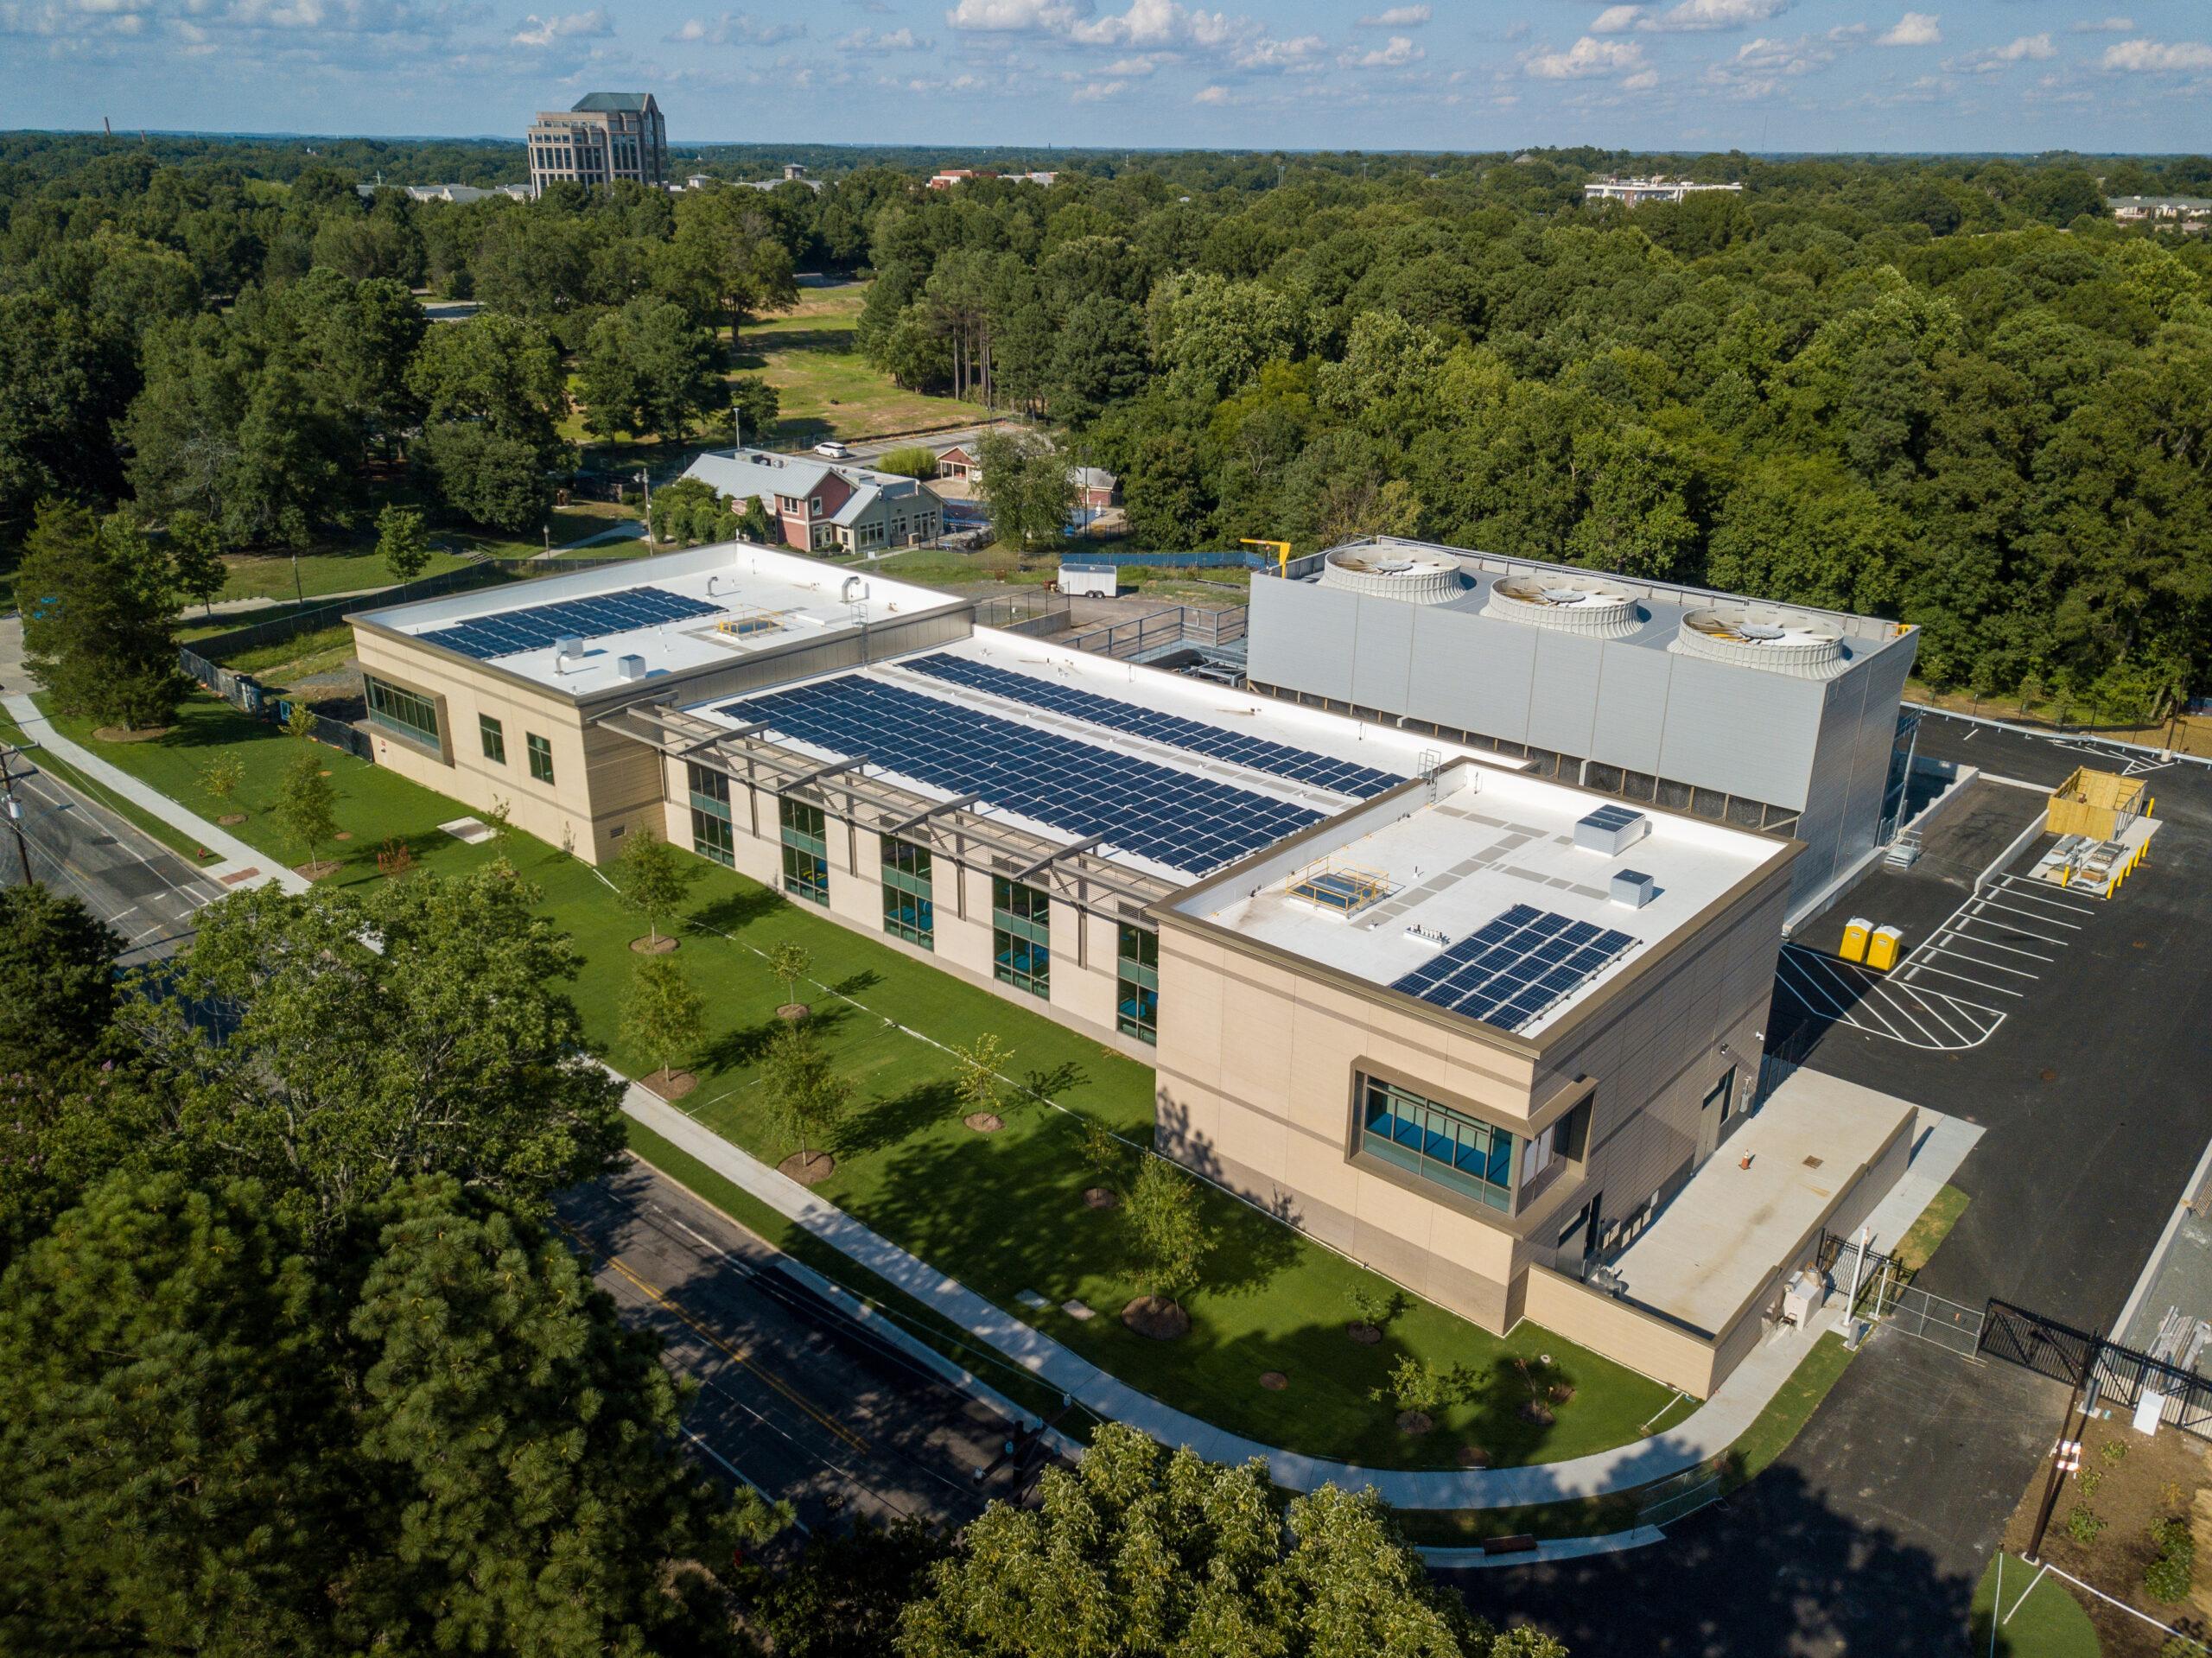 Duke University - Chiller Plant 3 Aerial